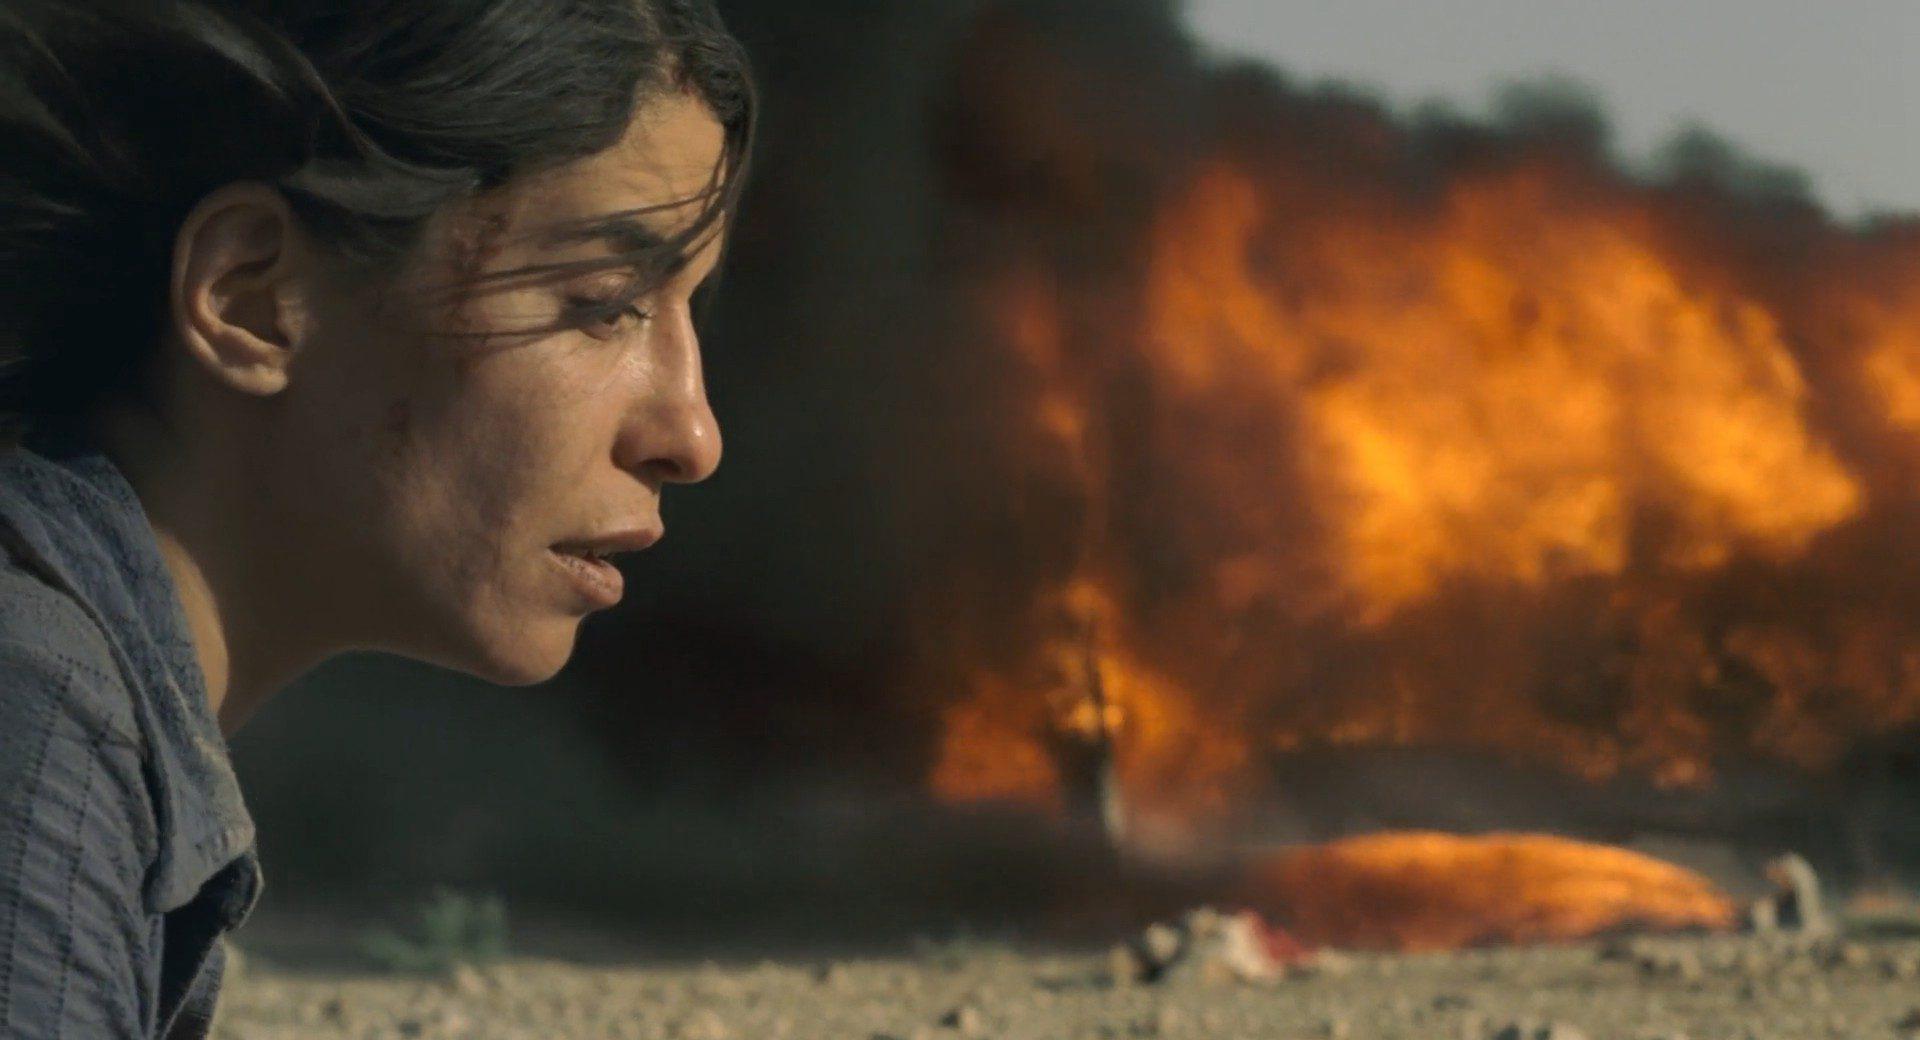 Incendies, pourquoi faut-il revoir ce film dramatique aujourd'hui ?